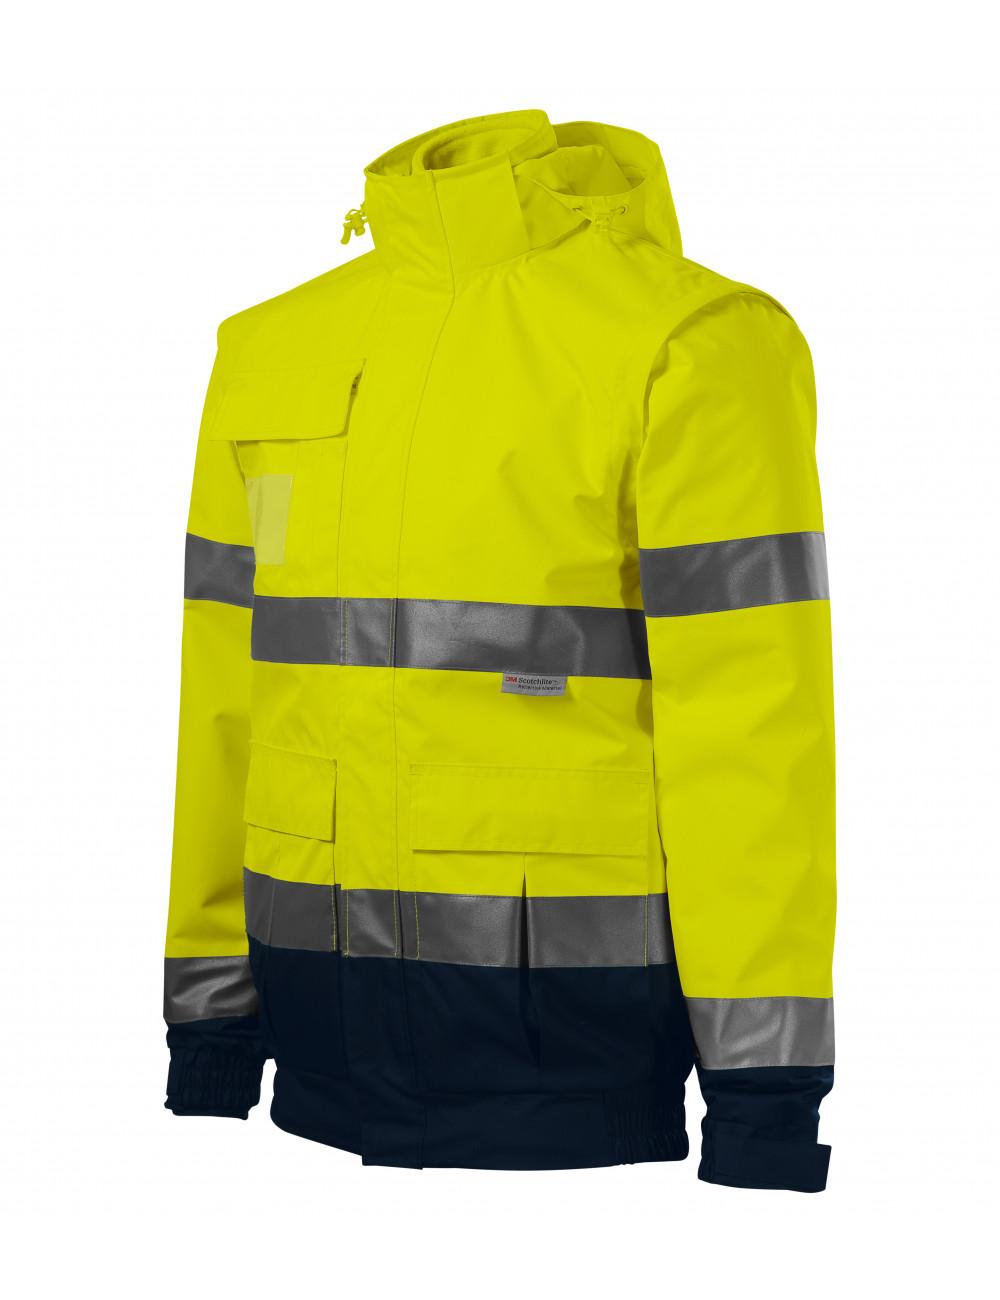 Adler RIMECK Kurtka unisex HV Guard 4 in 1 5V2 fluorescencyjny żółty